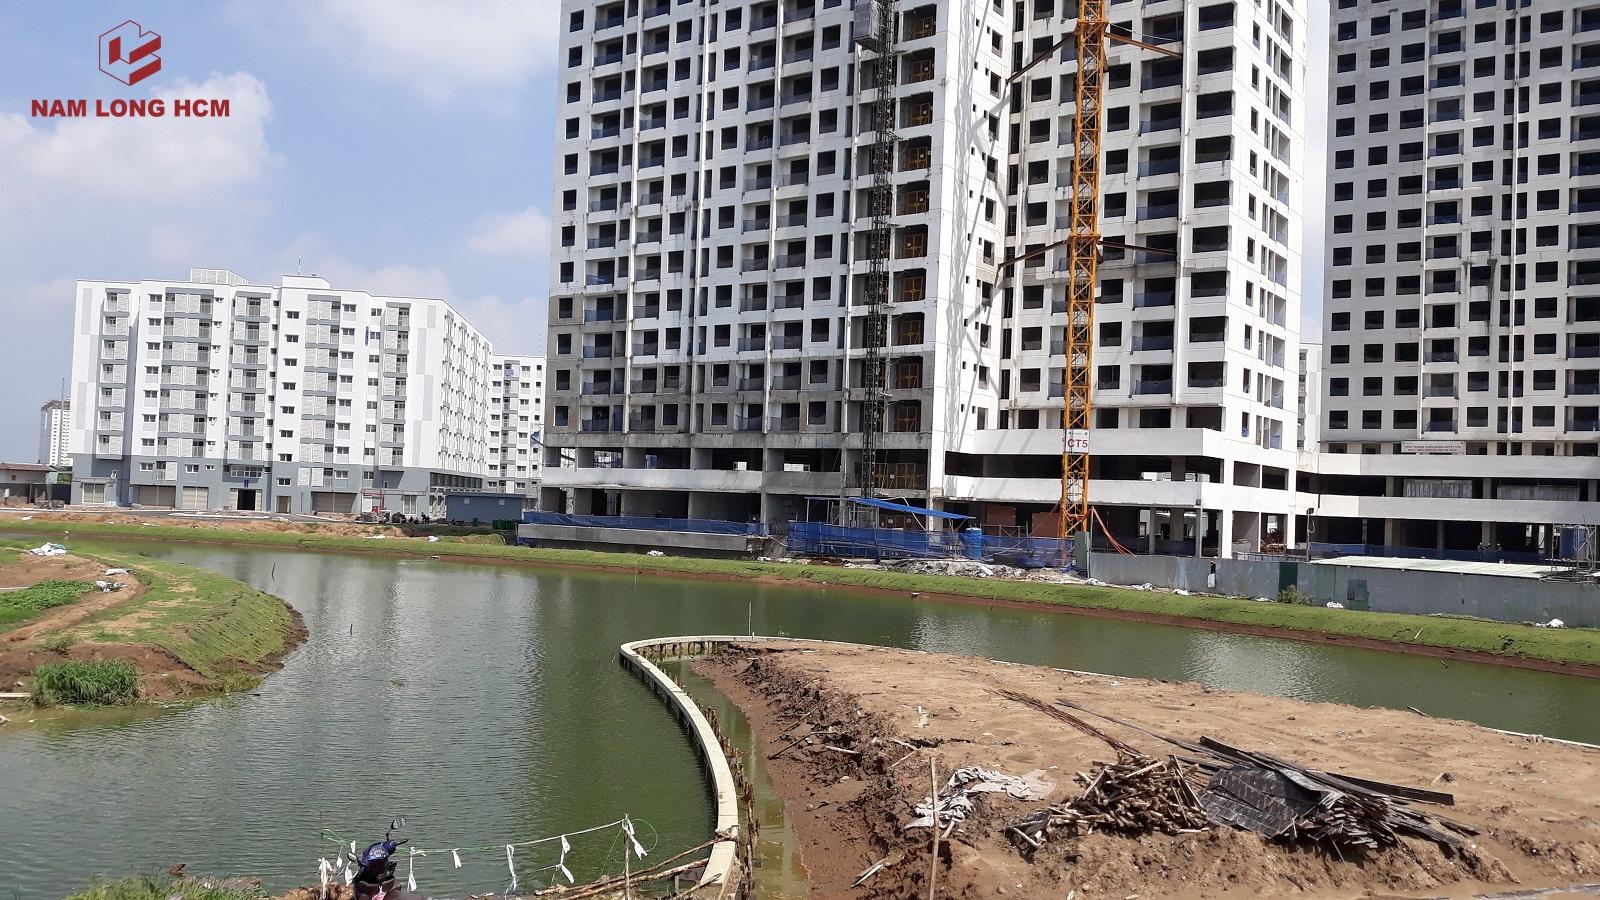 Các hạ mục bờ kè kênh đào, đảo Bamboo, hạ tầng đường đang được thi công hoàn thiện. Ảnh: Nam Long HCM